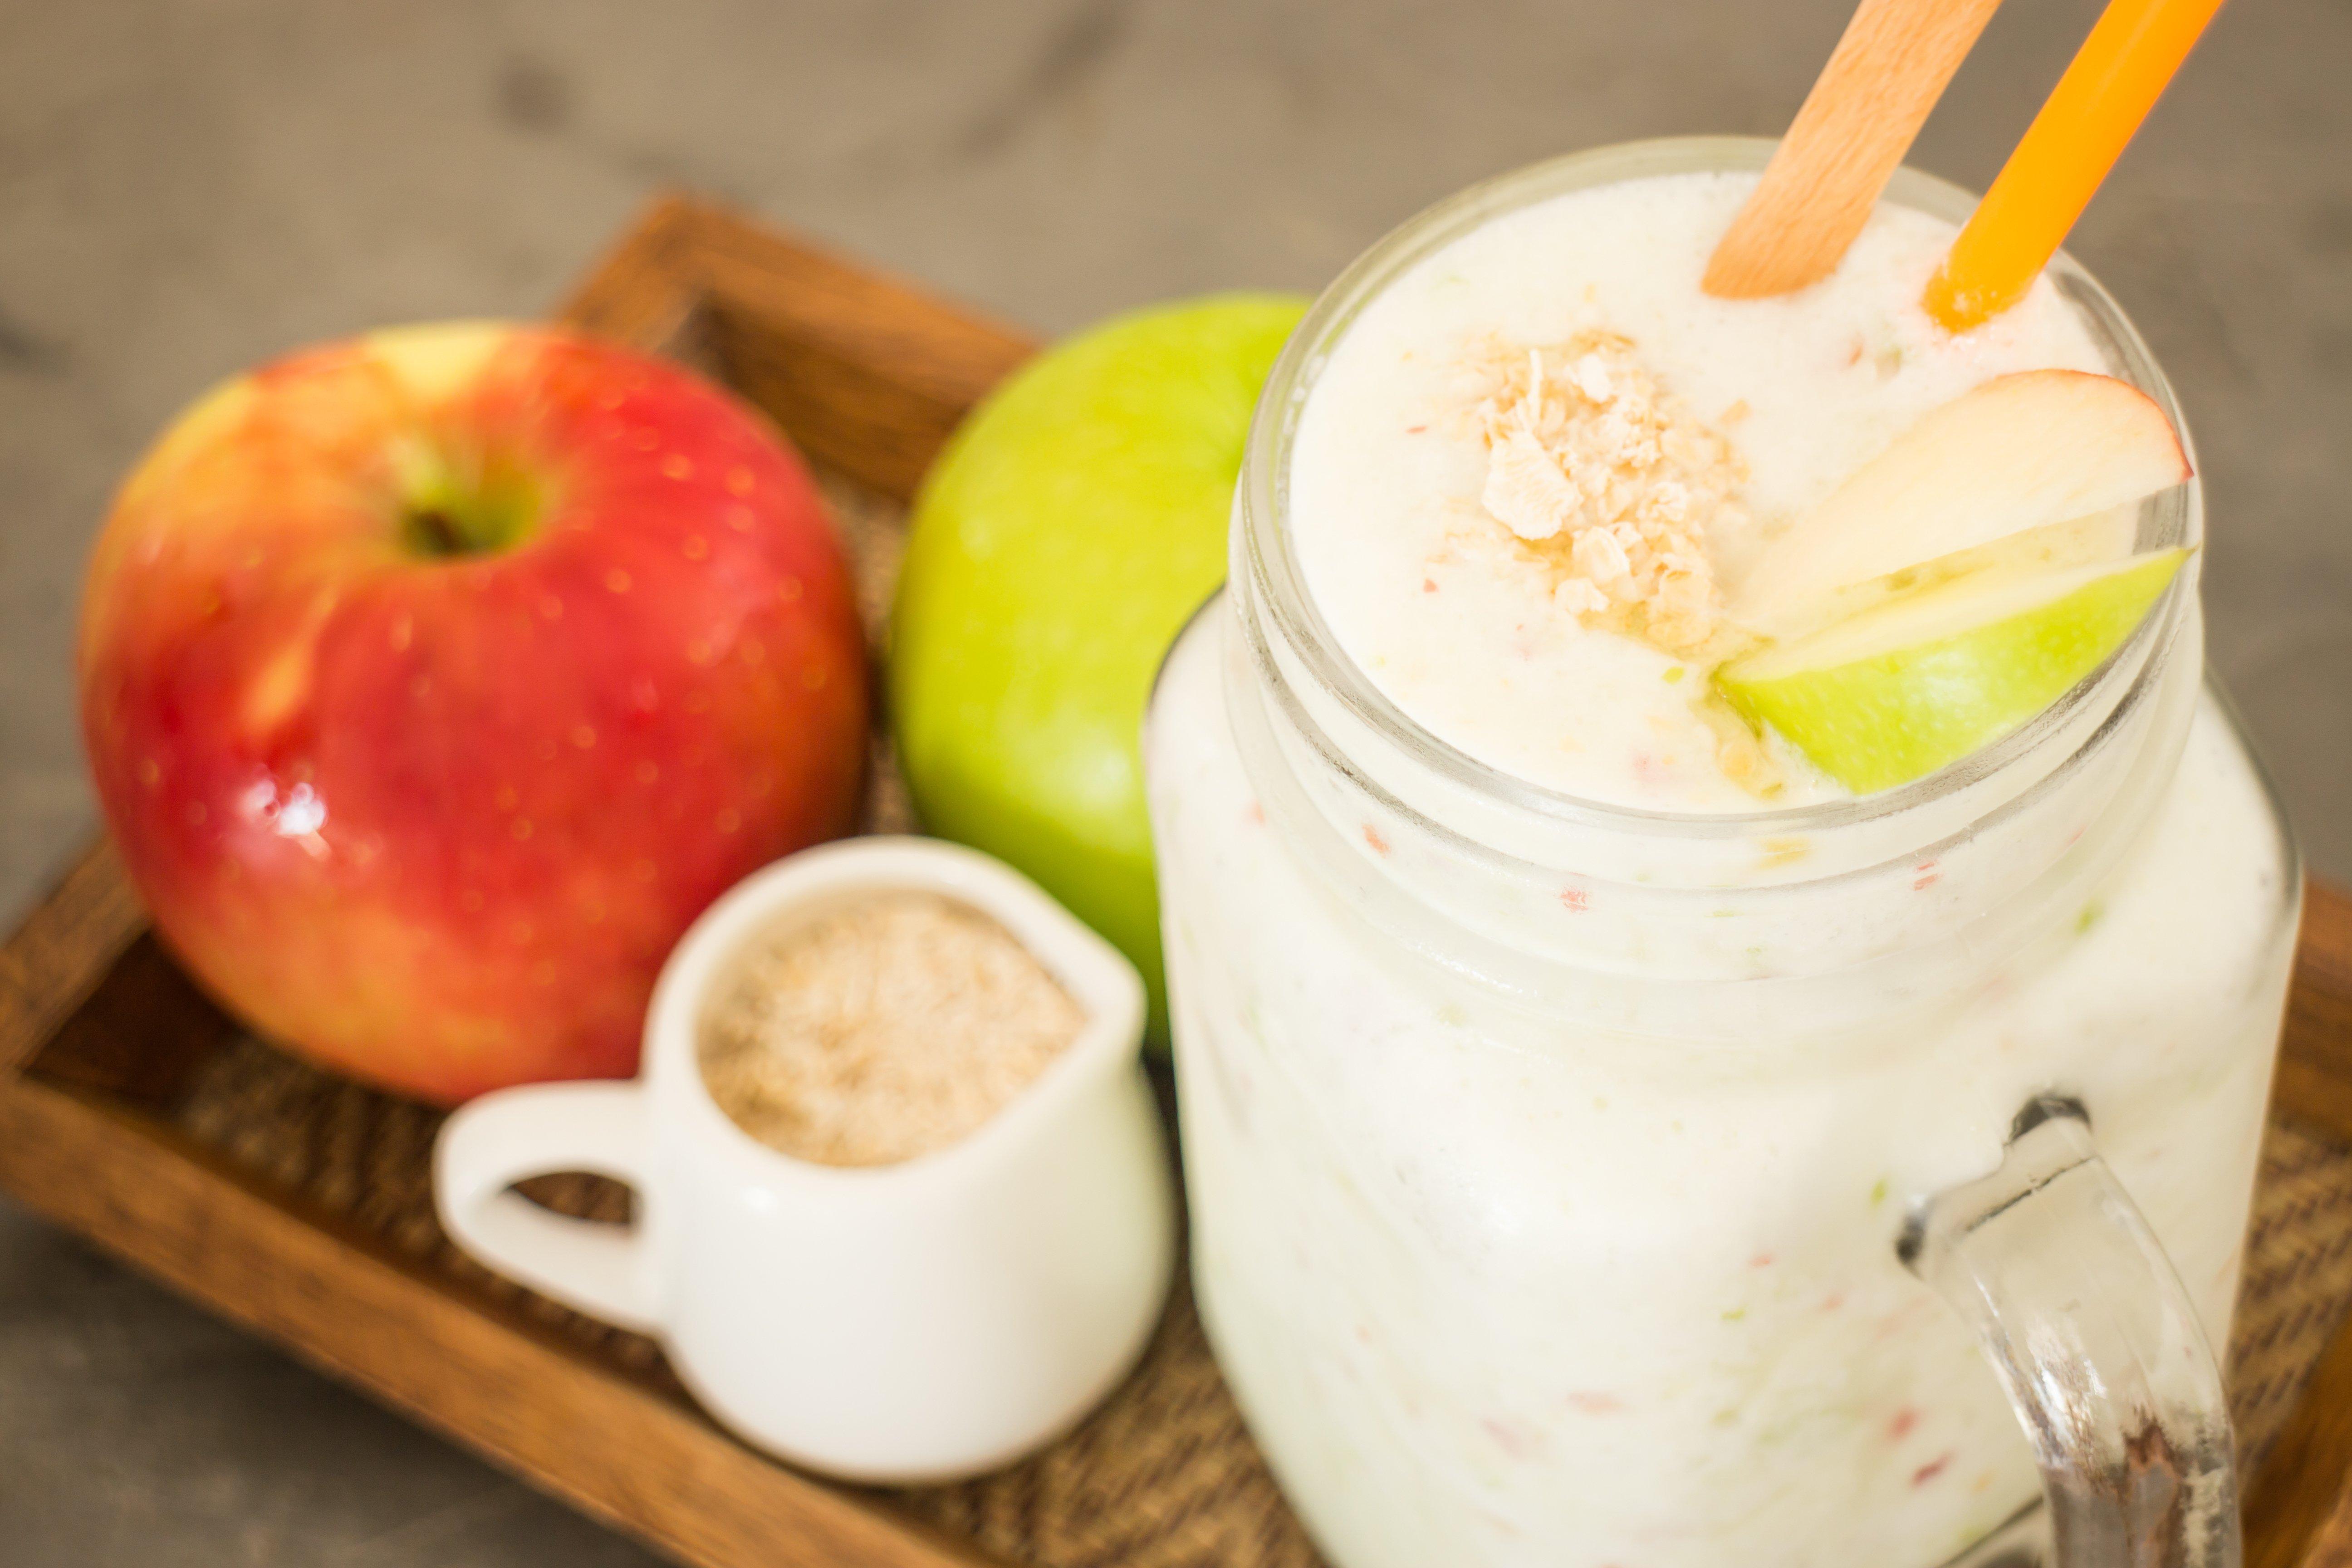 Dieta para bajar de peso cuerpo de manzana